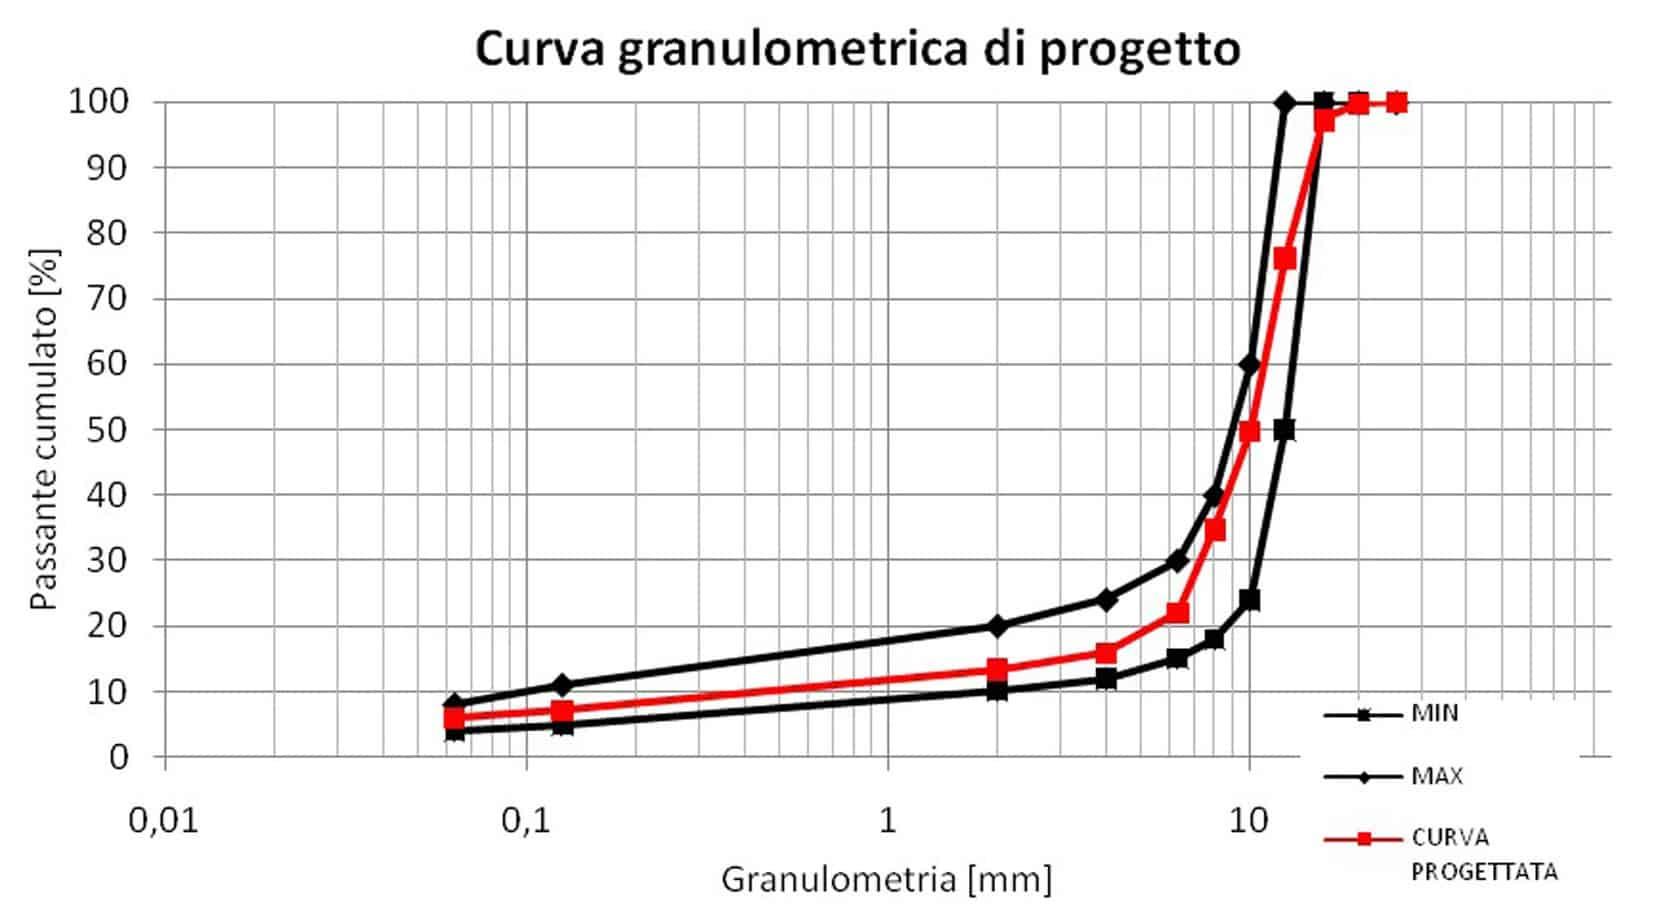 L'analisi granulometrica di progetto miscela Anti-Richiamo Lesioni